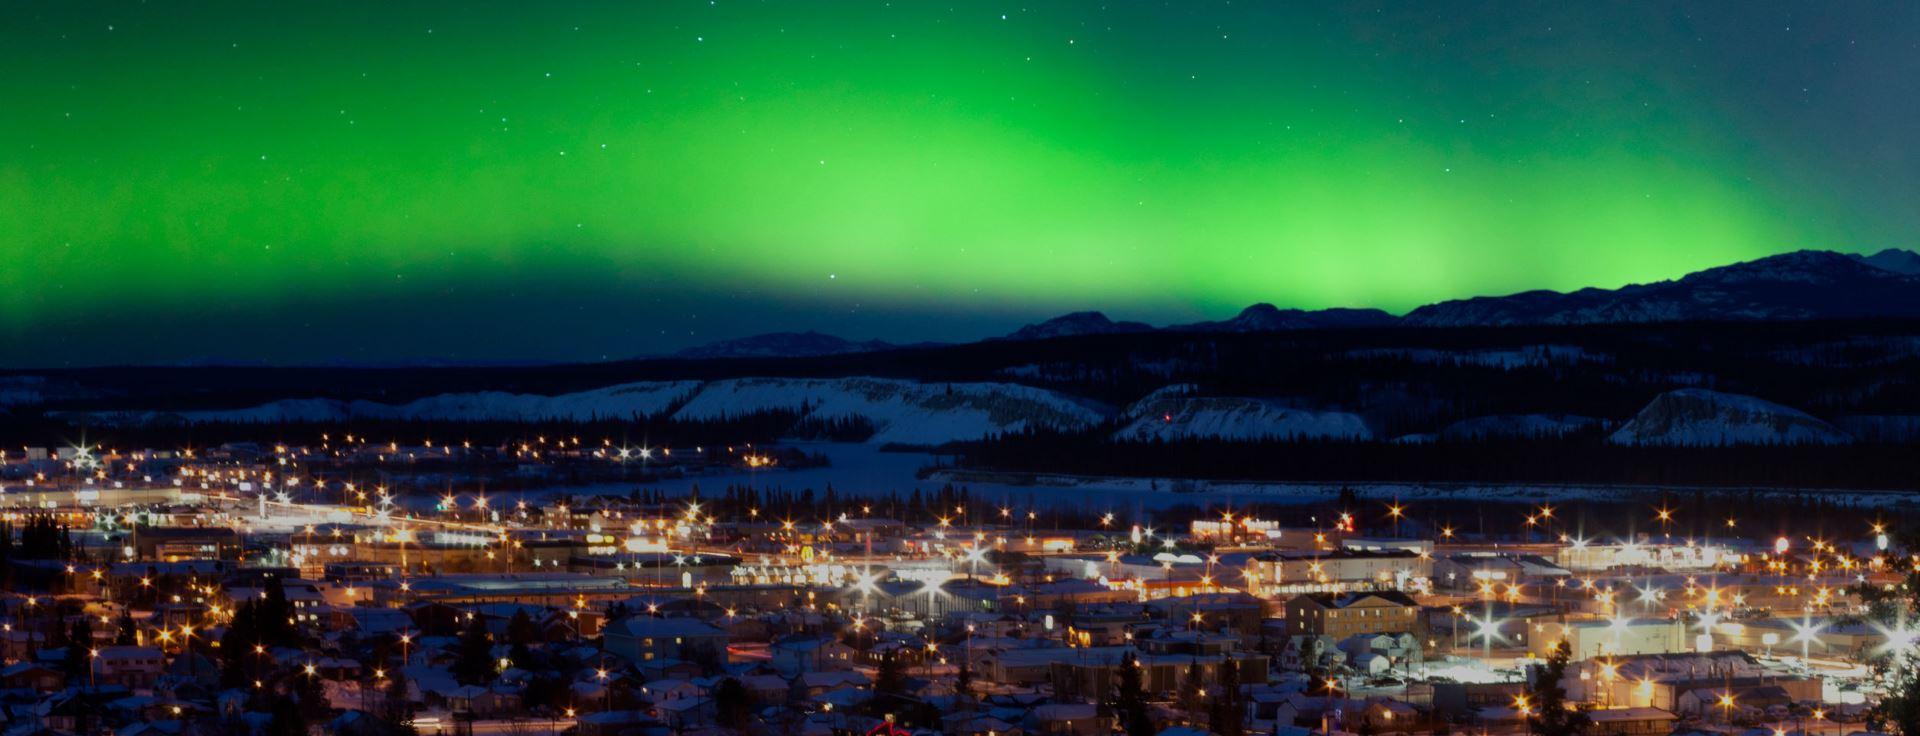 Anchorage background